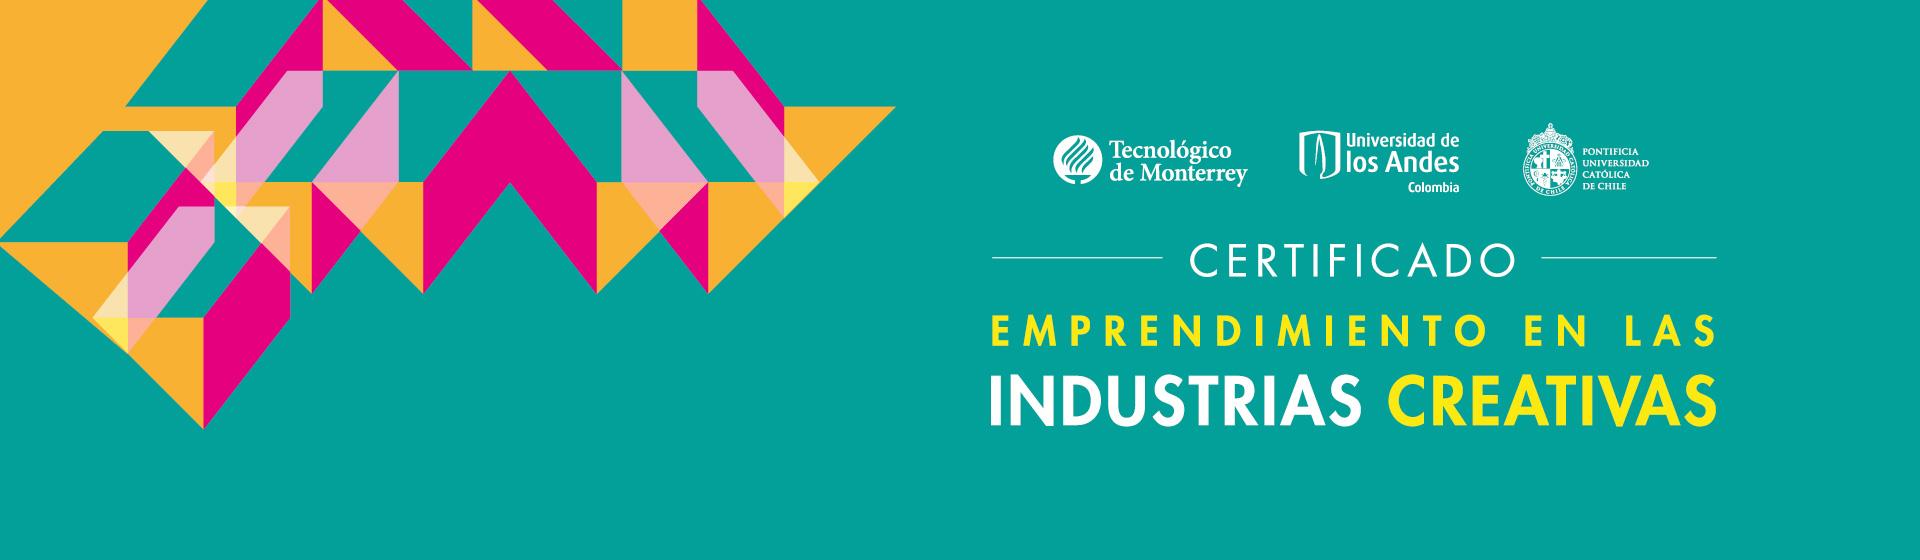 Certificado internacional: Emprendimiento en las industrias creativas